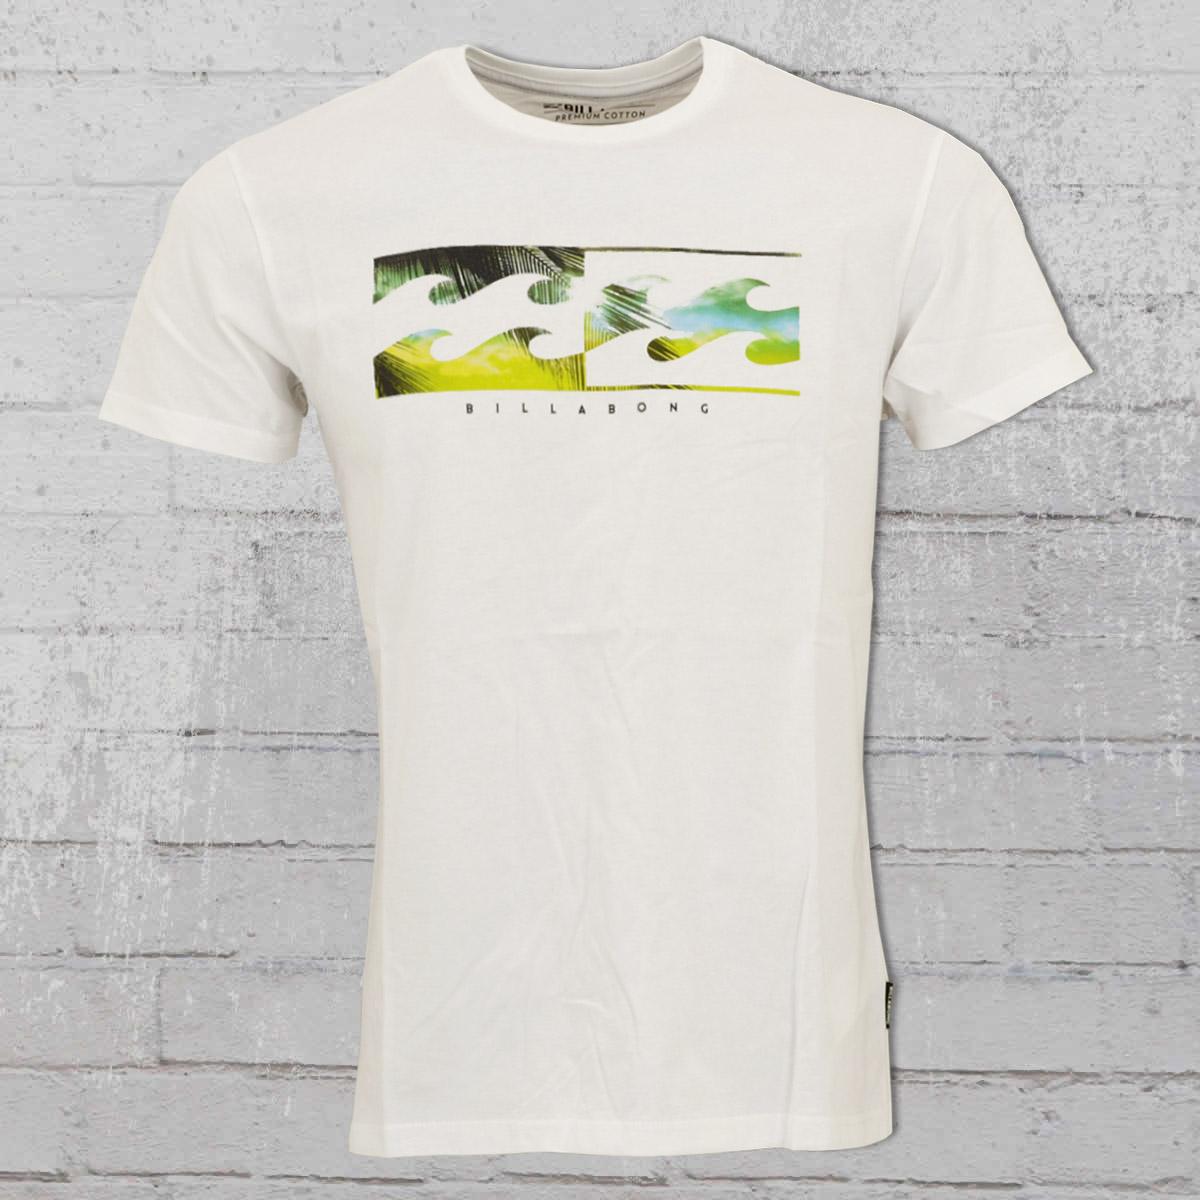 297b6501d96989 Billabong T-Shirt Herren Inverse weiss. ›‹ «